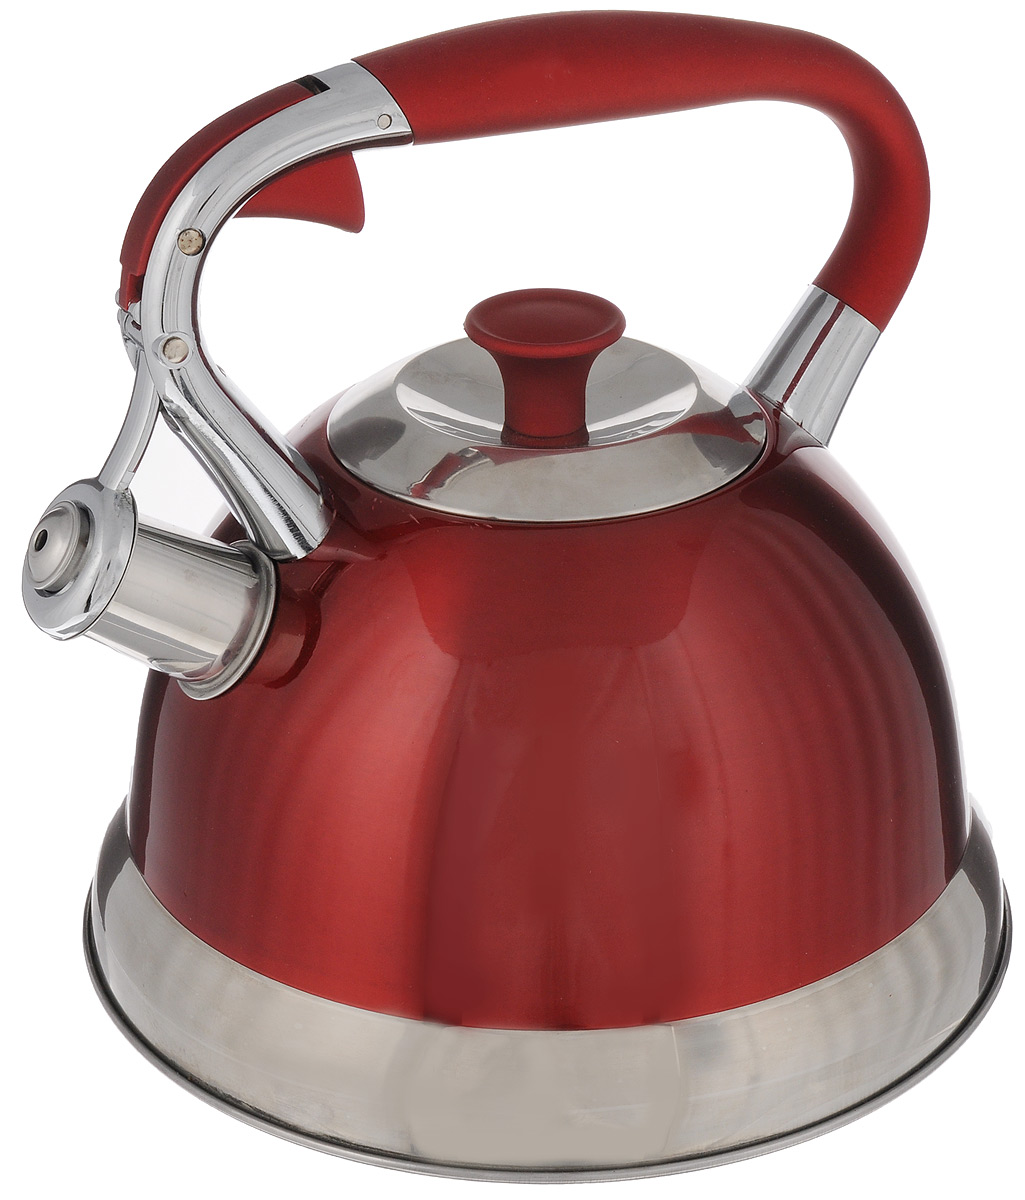 Чайник Mayer & Boch, со свистком, цвет: красный, 2,7 лМВ-23170_красныйЧайник Mayer & Boch изготовлен из высококачественной нержавеющей стали. Внешнее цветное термостойкое покрытие корпуса придает изделию безупречный внешний вид. Изделие оснащено бакелитовой ручкой эргономичной формы с силиконовым покрытием и свистком, который громко оповещает о закипании воды. Можно использовать на всех видах плит, кроме индукционных. Можно мыть в посудомоечной машине.Диаметр (по верхнему краю): 9,5 см.Высота чайника (без учета ручки и крышки): 13 см.Высота чайника (с учетом ручки и крышки): 23 см.